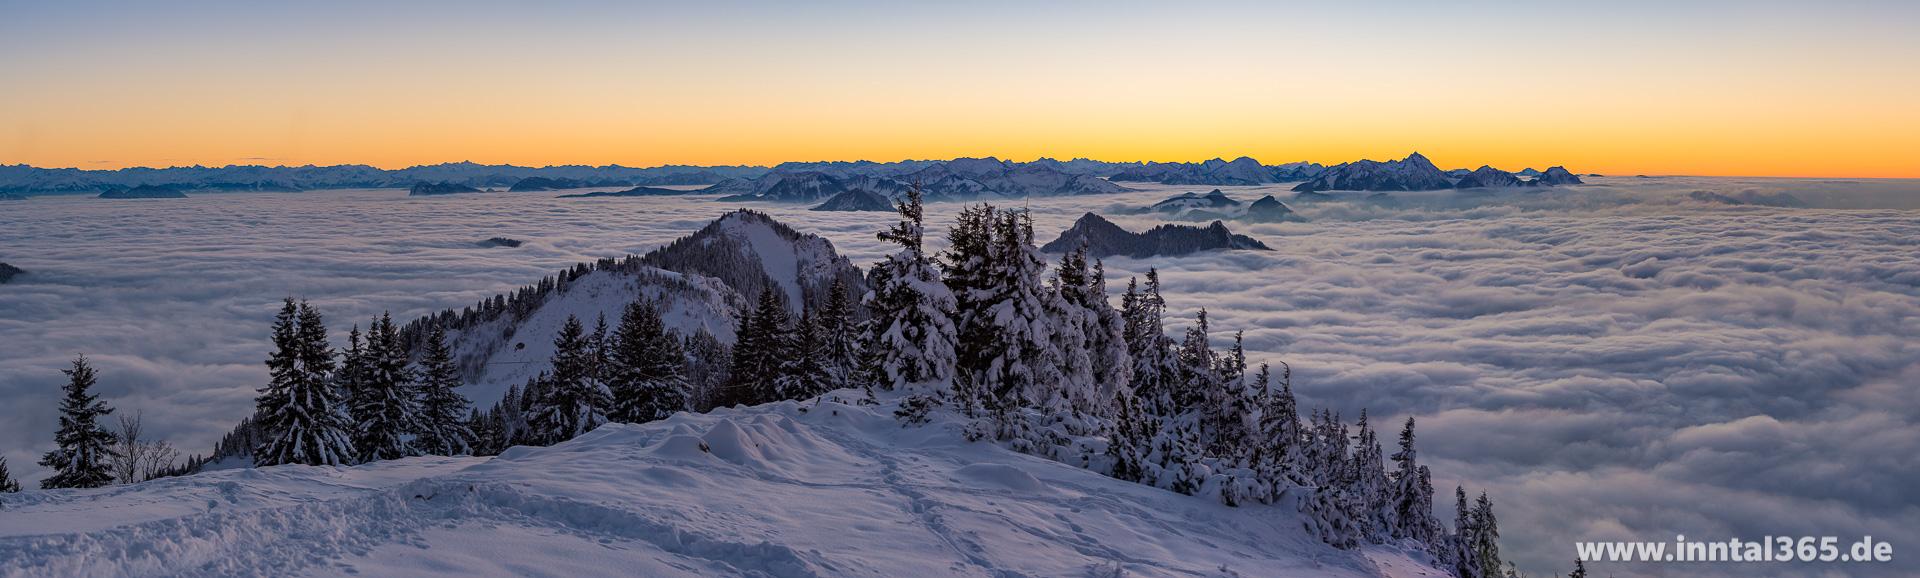 16.11.2016 - Abenddämmerung an der Hochrieshütte. Panorama mit Blick Richtung Süd-West.